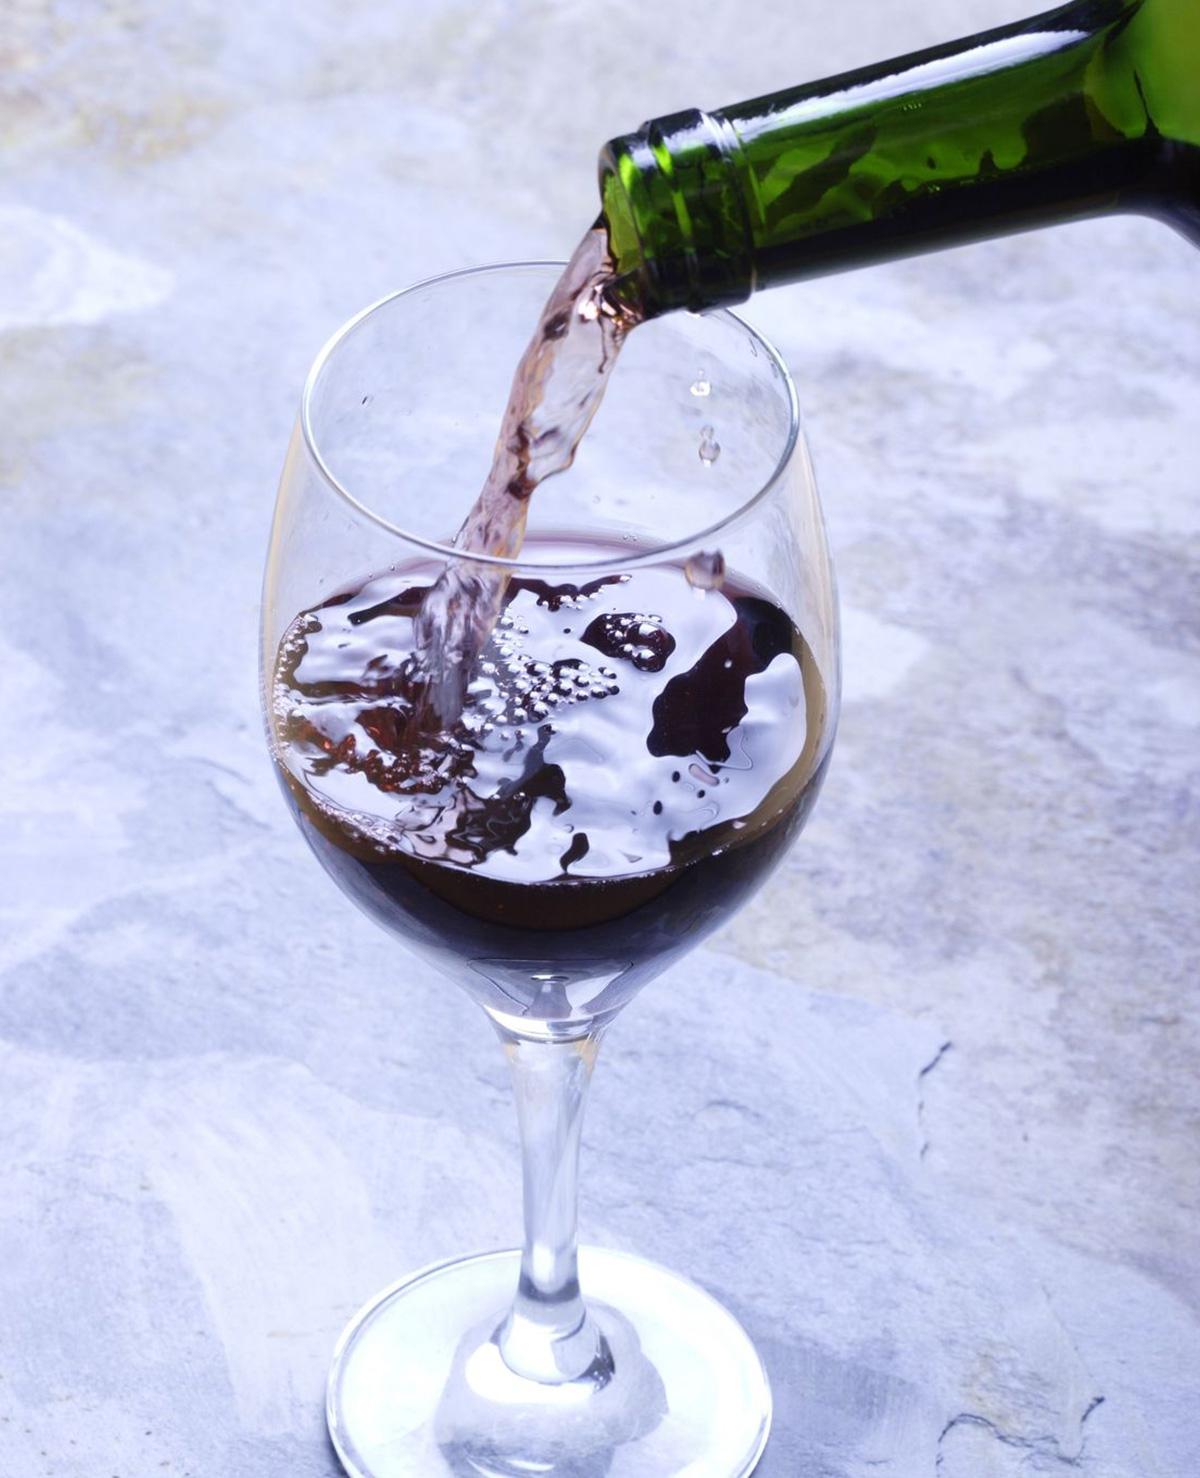 12 manieren om een fles wijn open te maken zónder opener